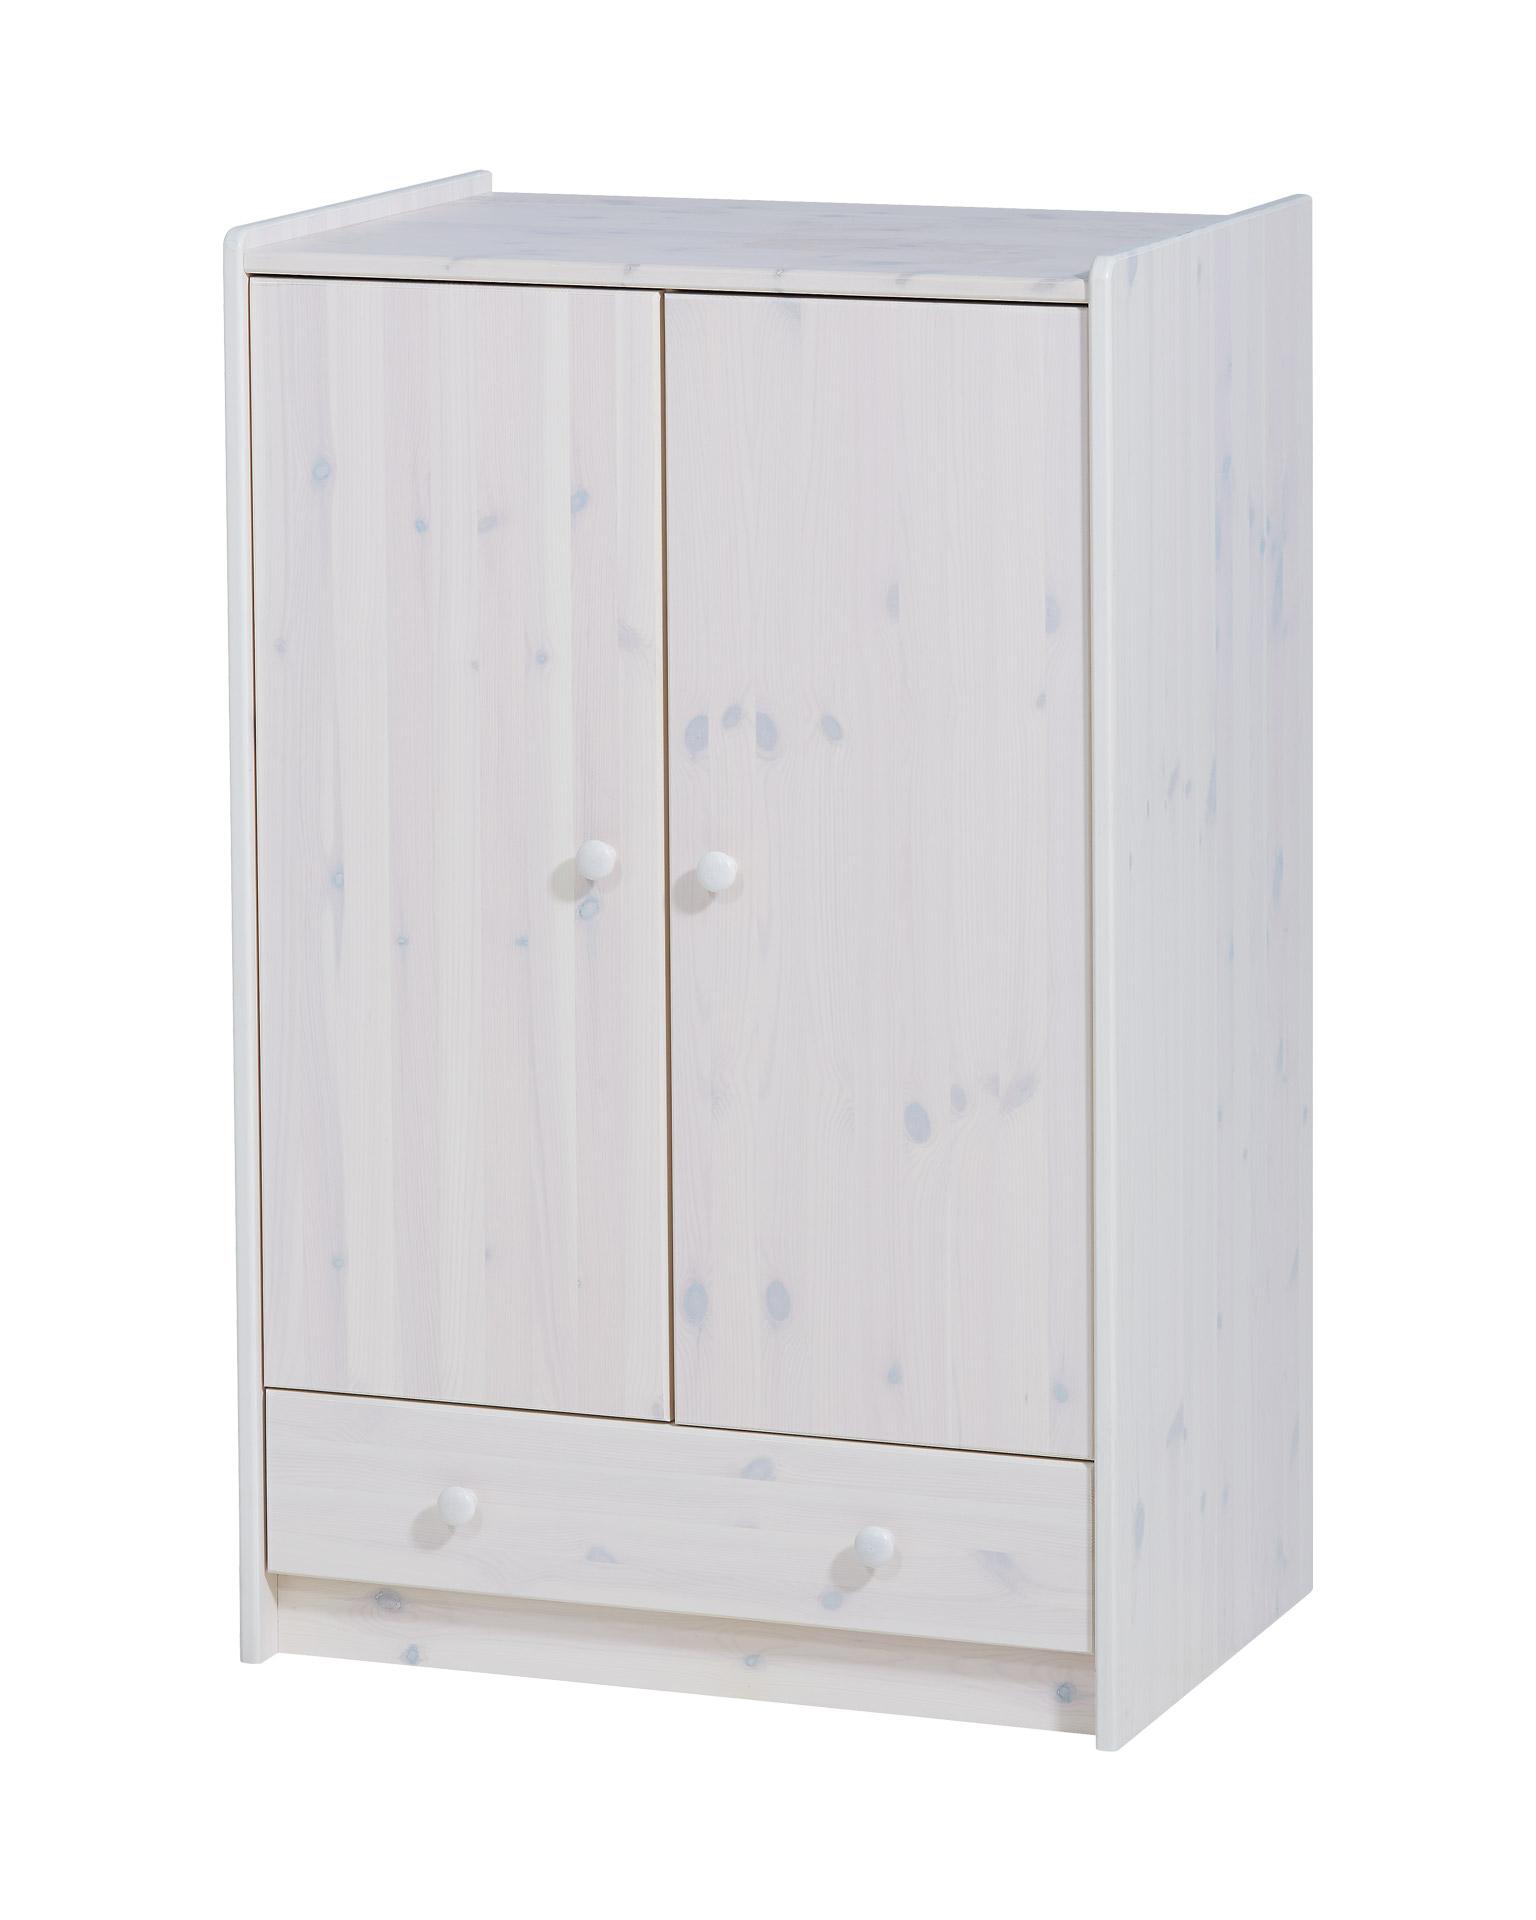 35 sparen kleiderschrank skive nur 149 95 cherry m bel d nisches bettenlager. Black Bedroom Furniture Sets. Home Design Ideas